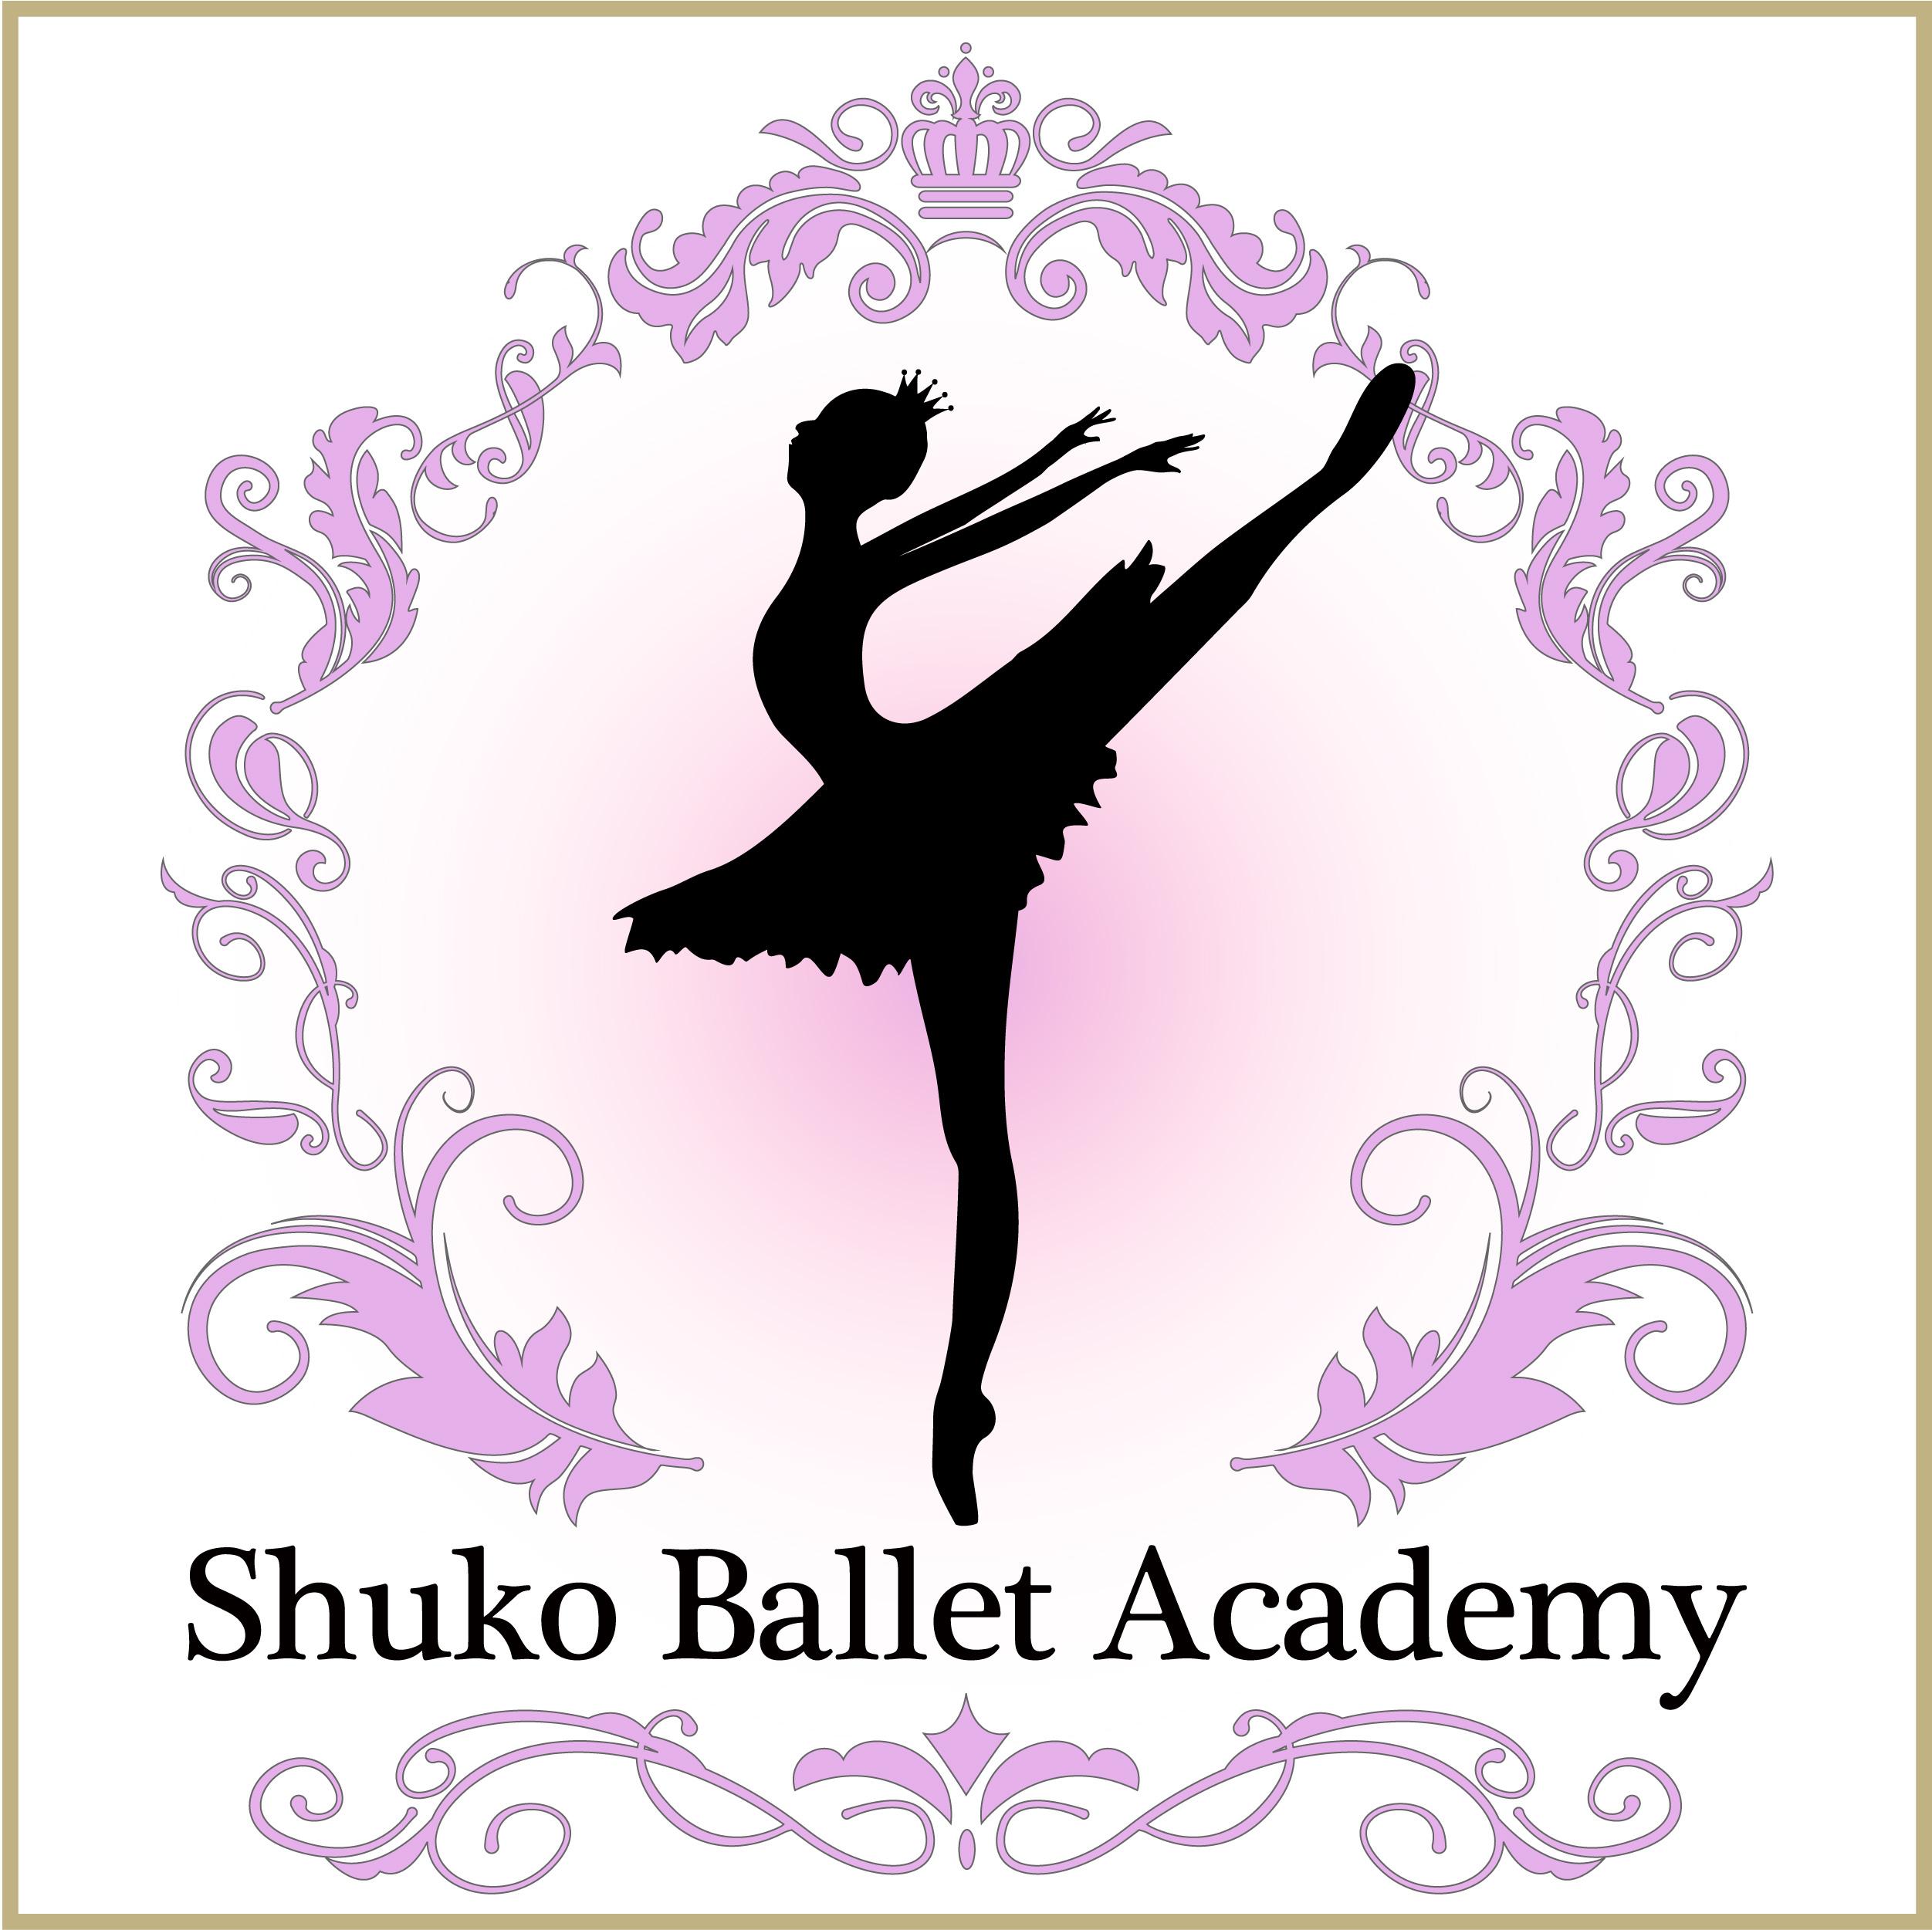 Shuko Ballet Academy